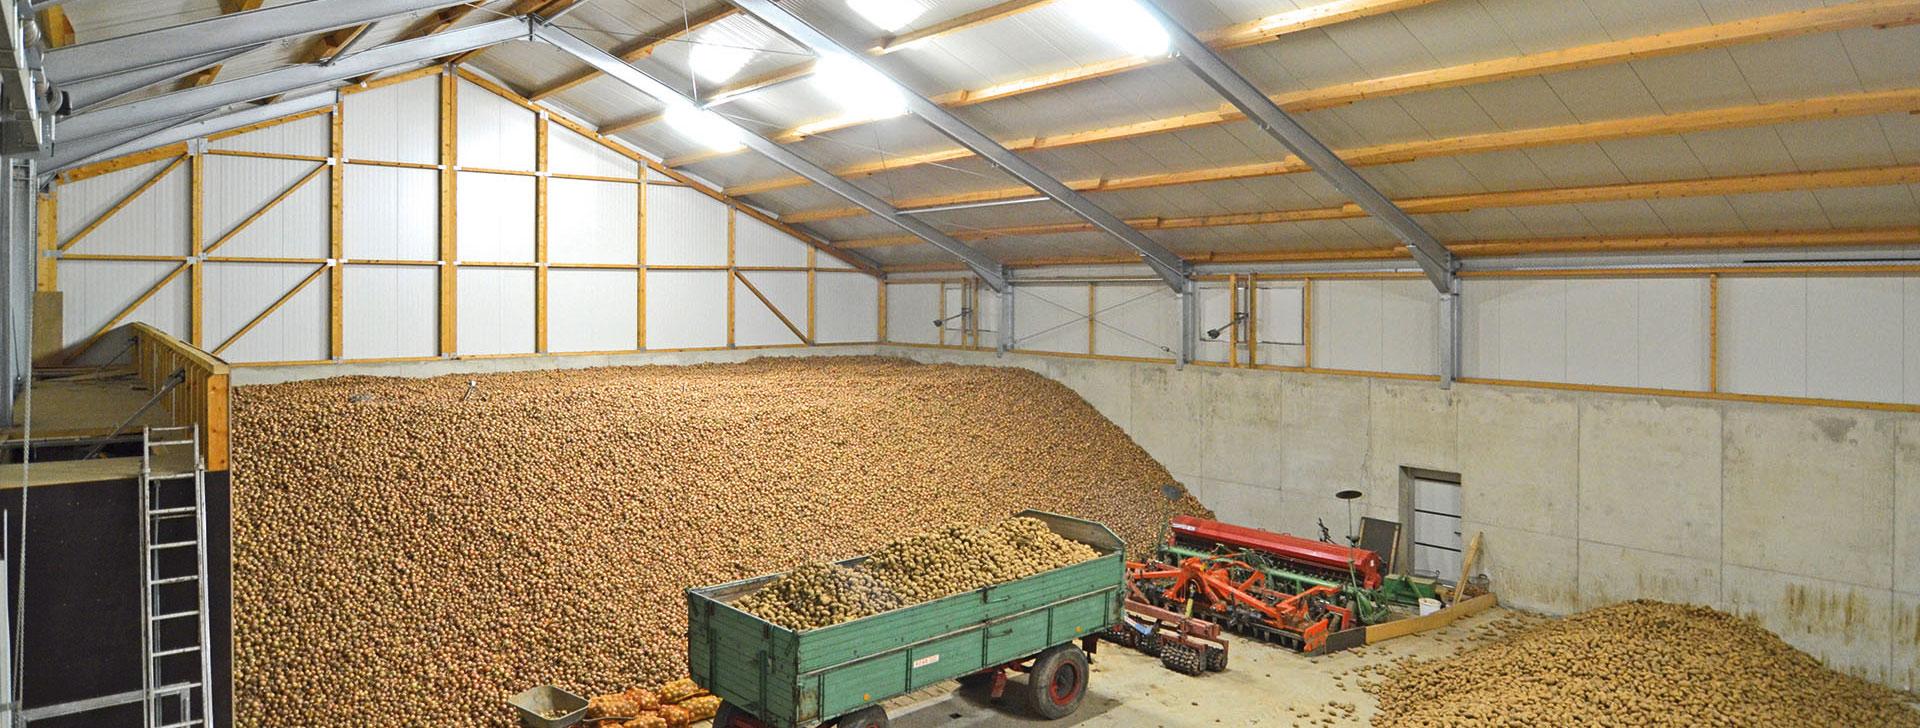 Kartoffellagerhalle